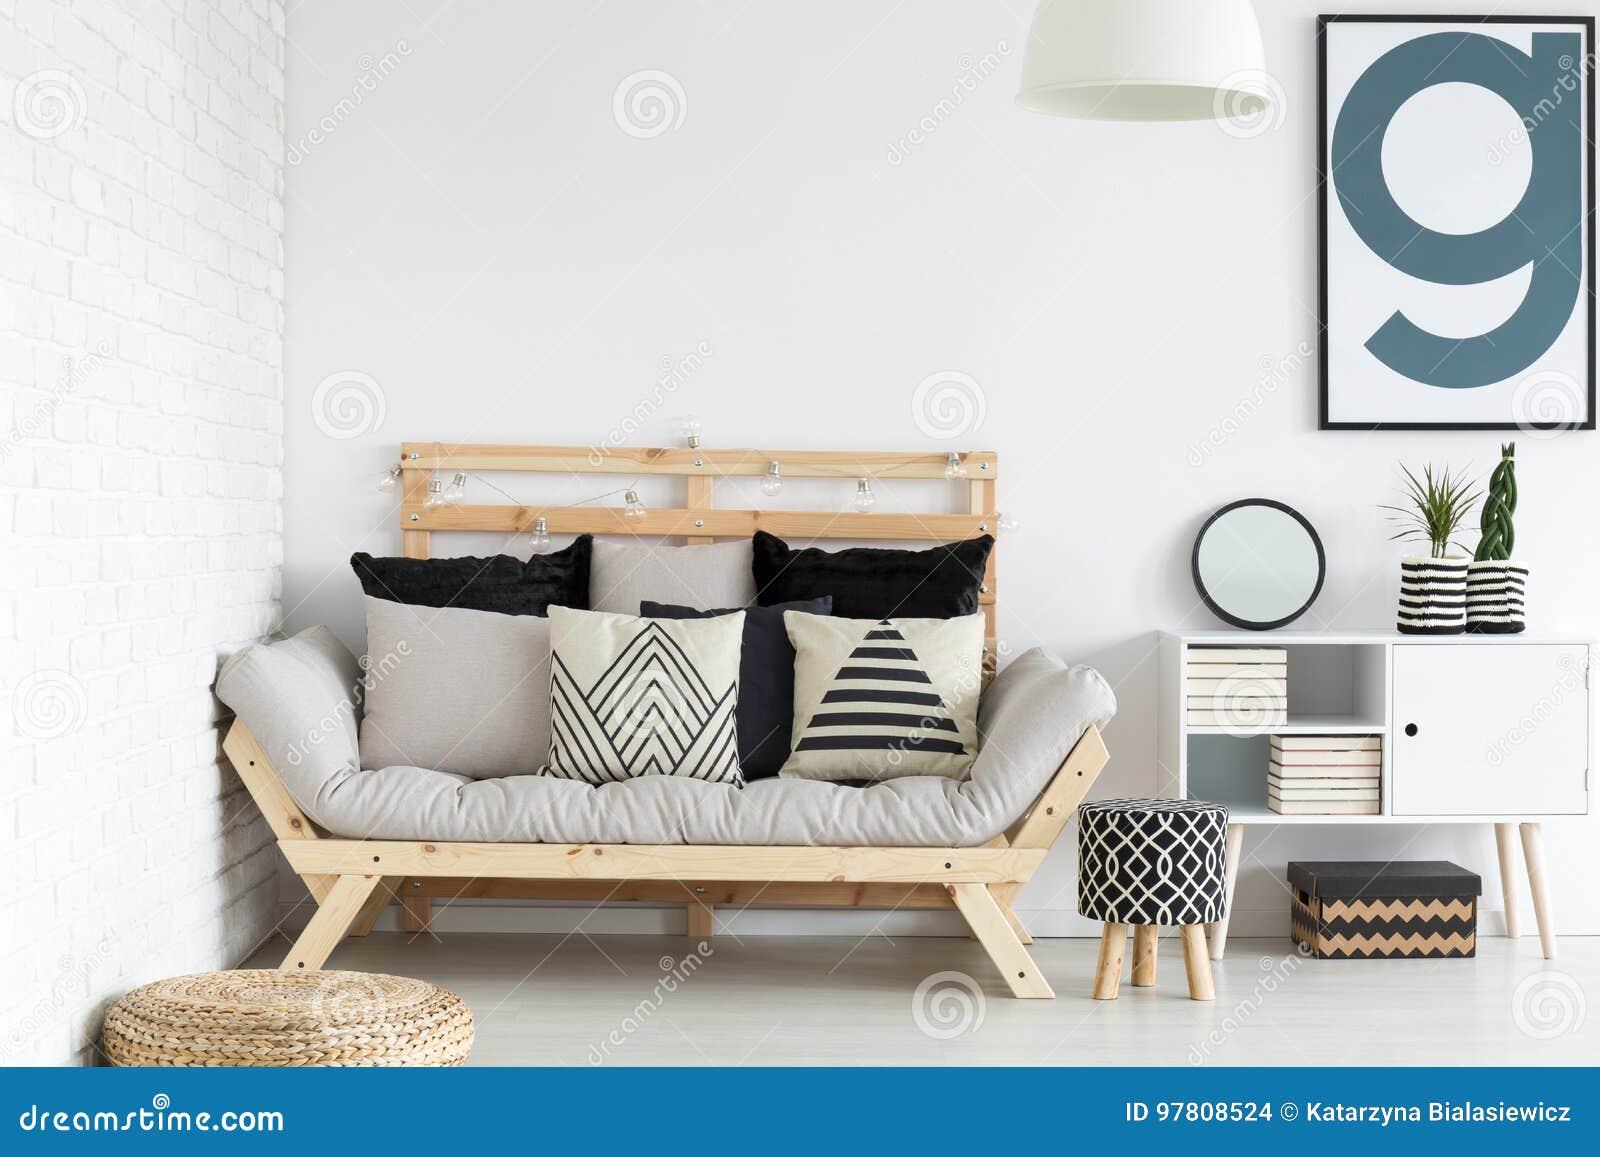 Conception de salon photo stock image du bleu nordique 97808524 for Outil de conception salon